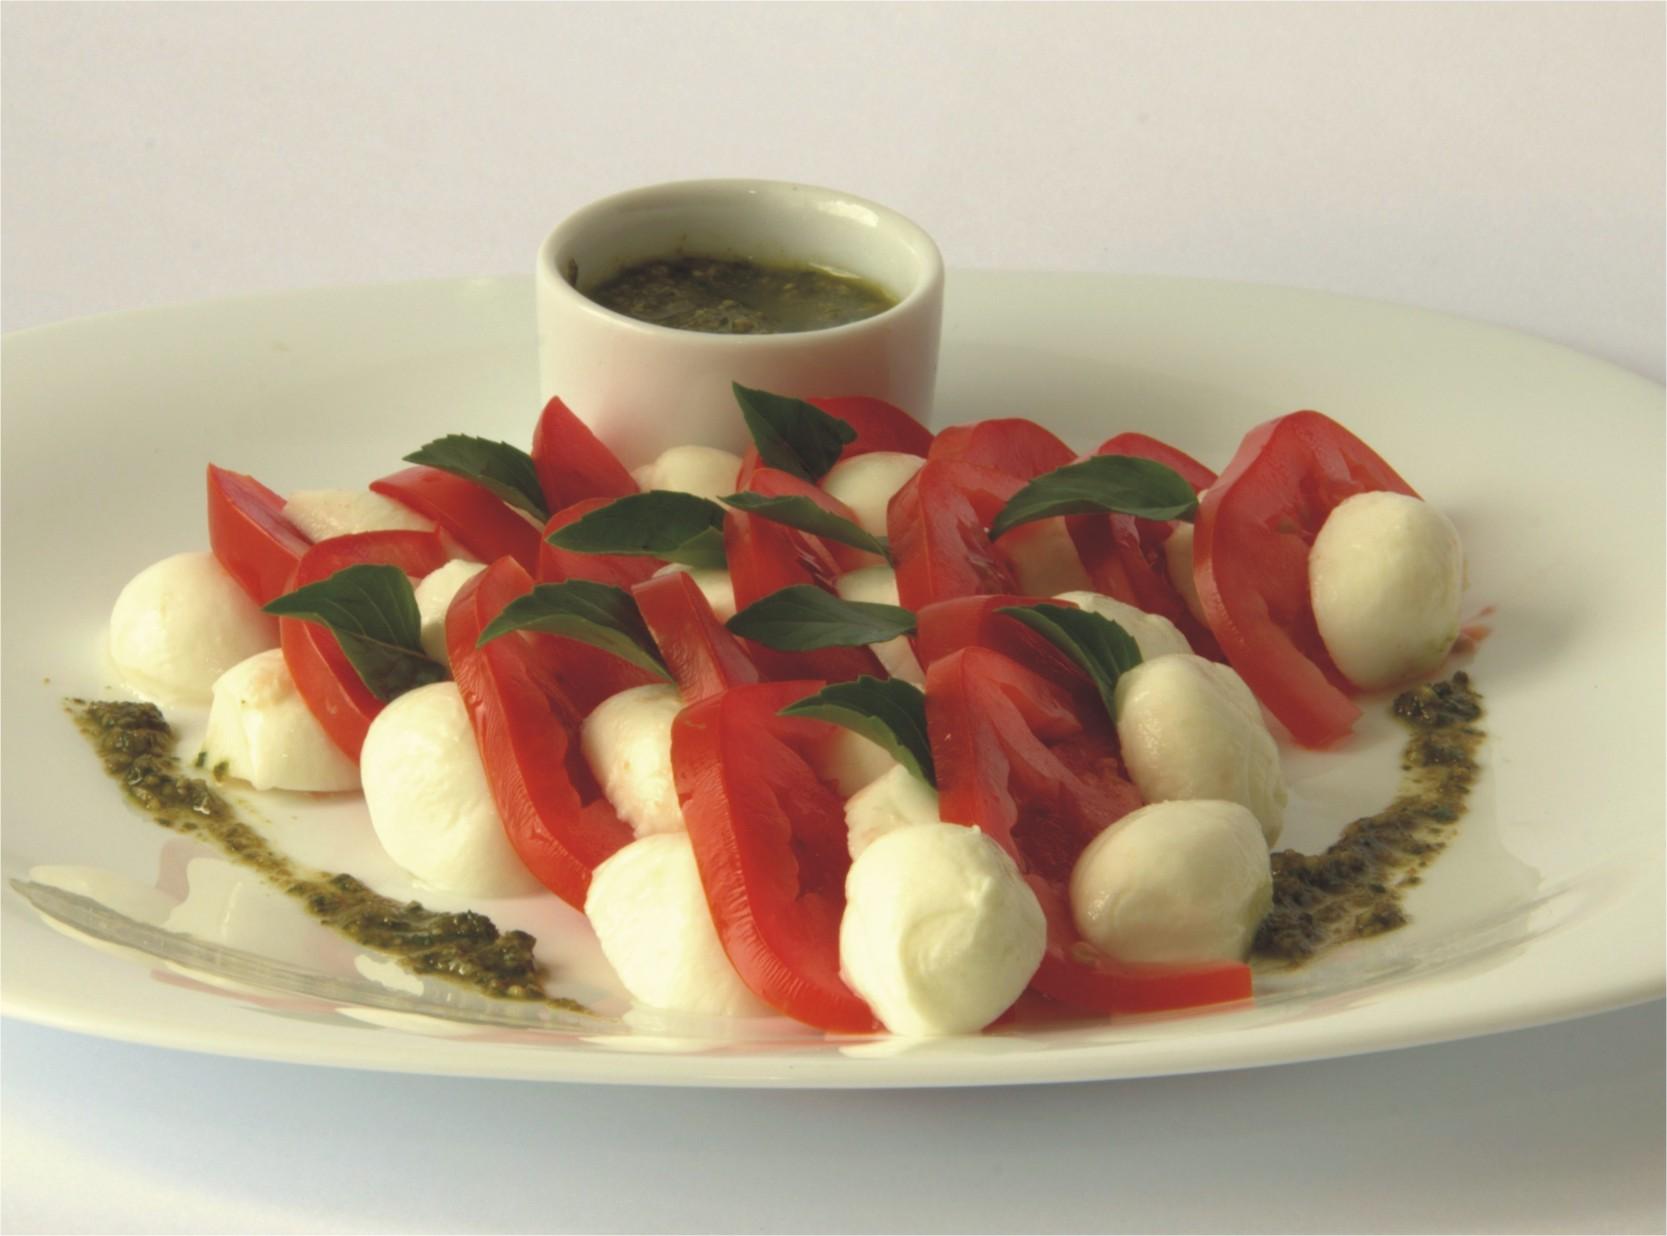 Gastronomia 4